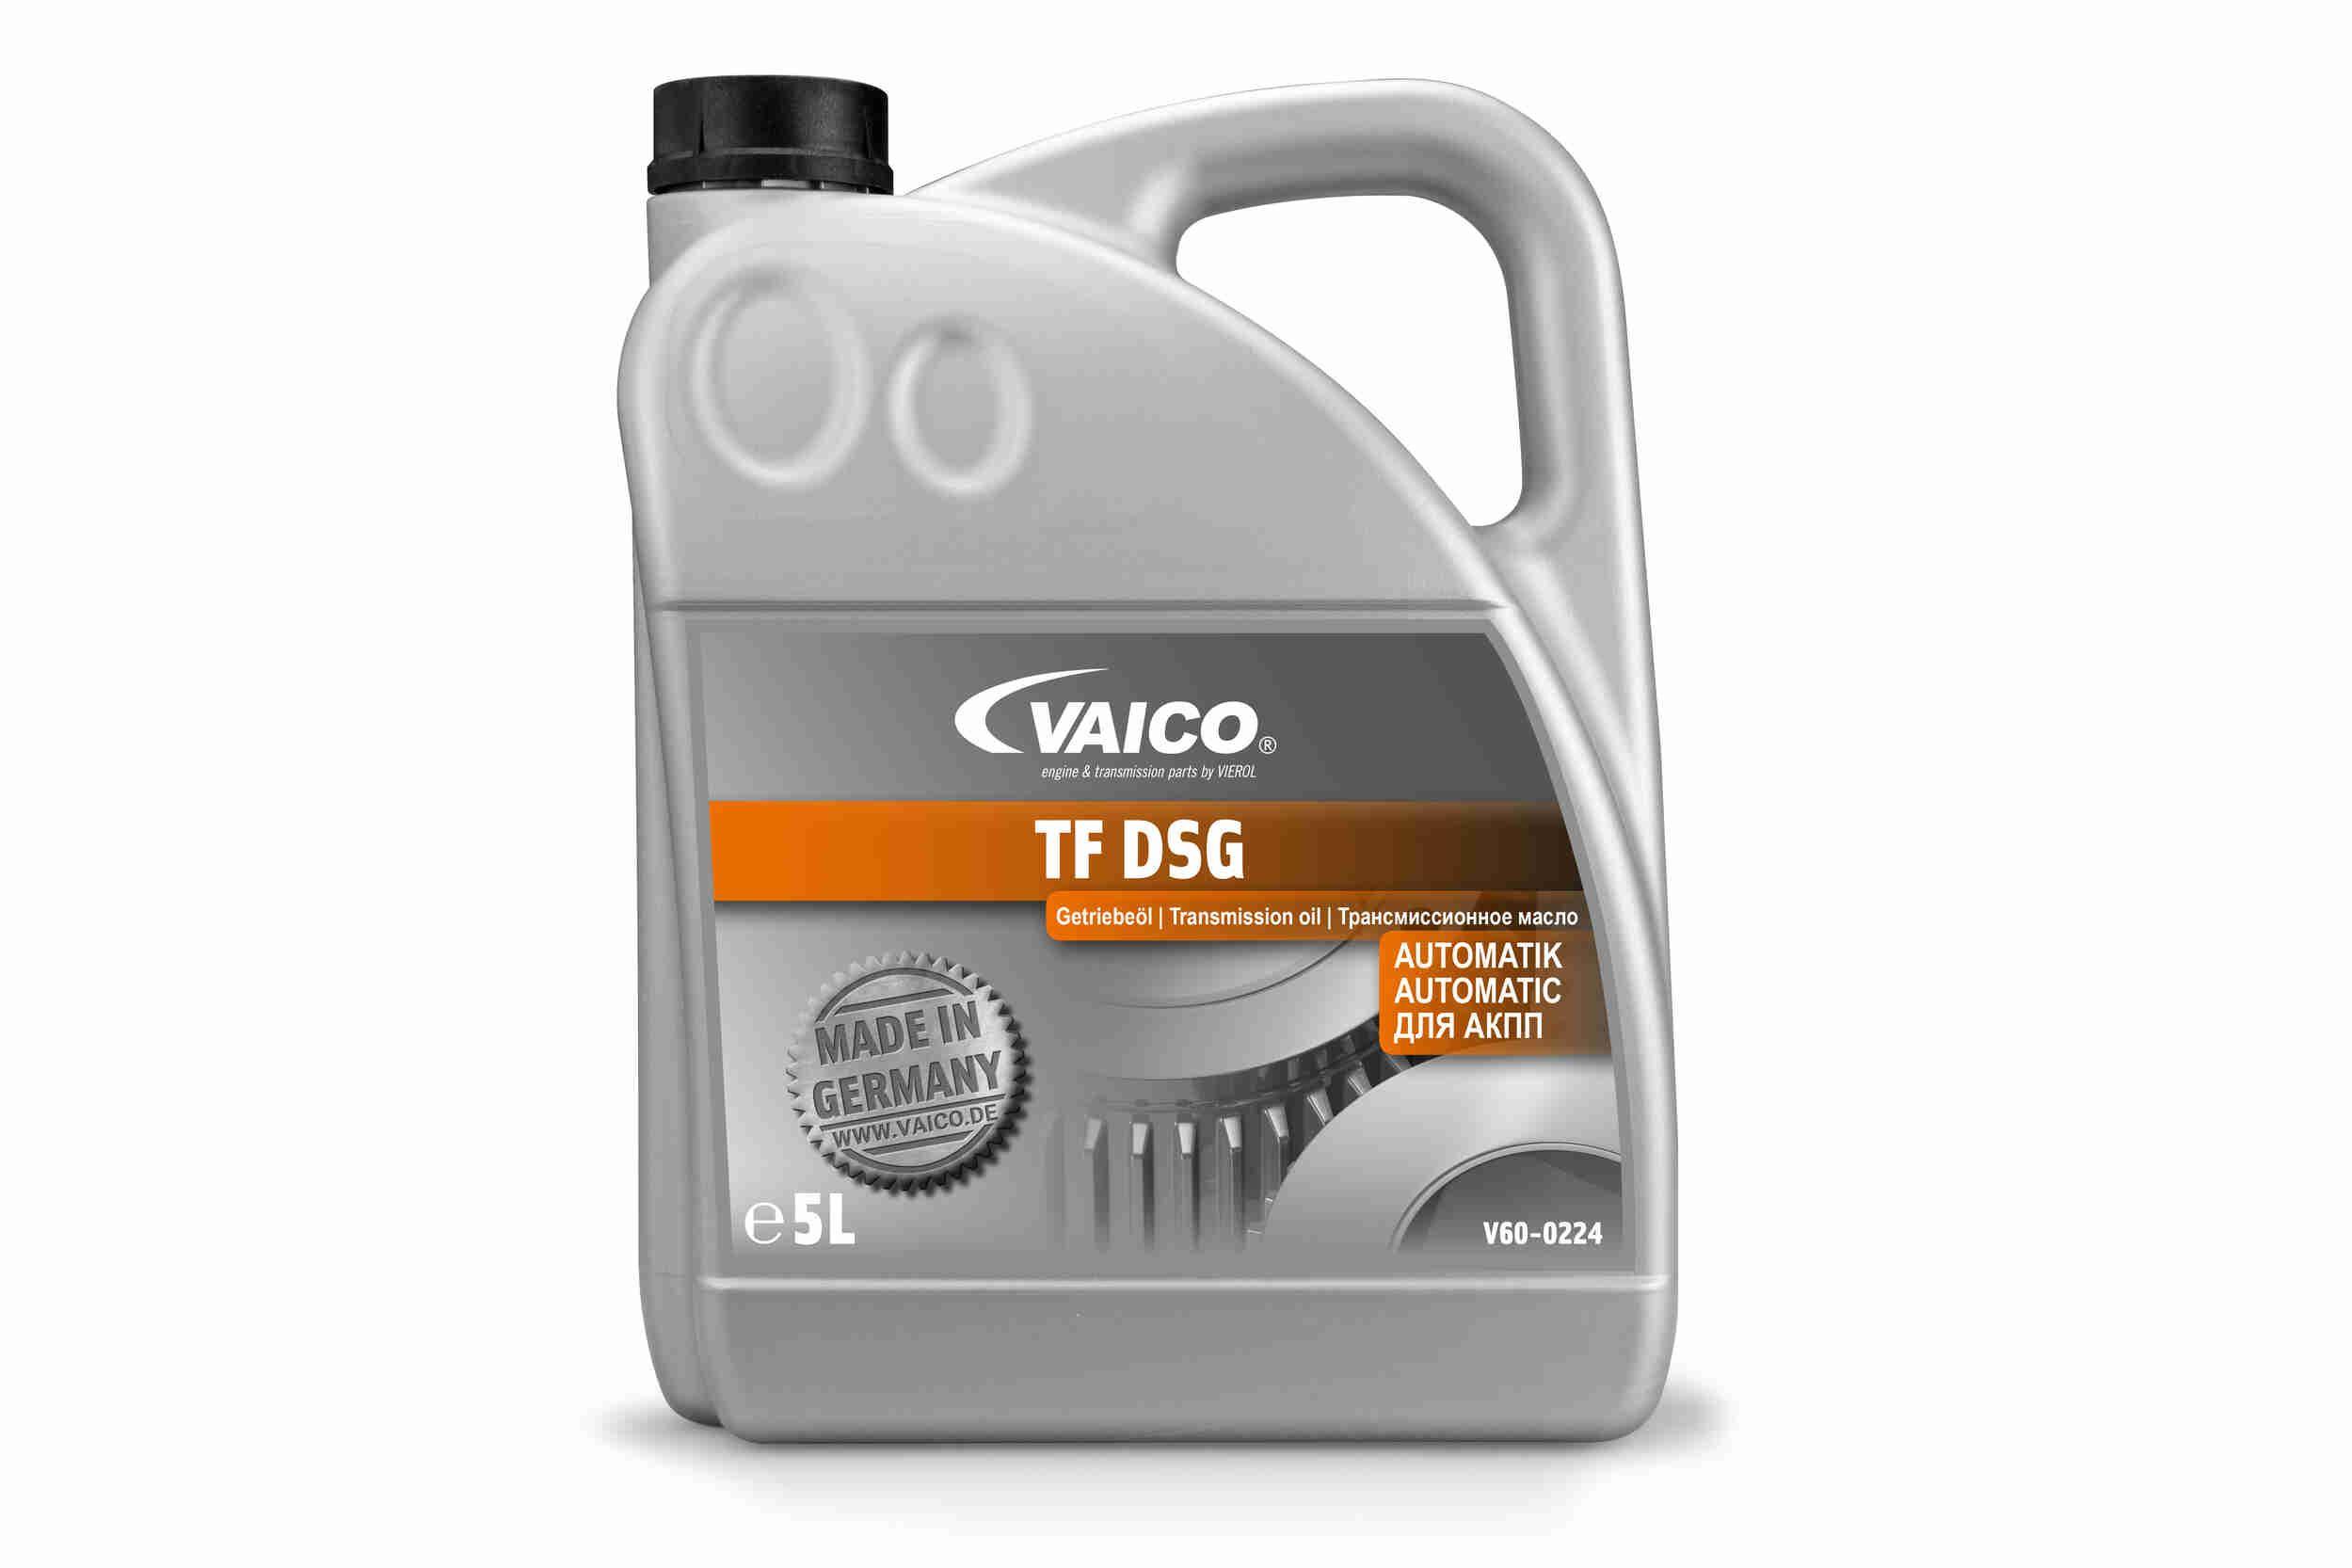 Achetez Huile hypoïde VAICO V60-0224 () à un rapport qualité-prix exceptionnel